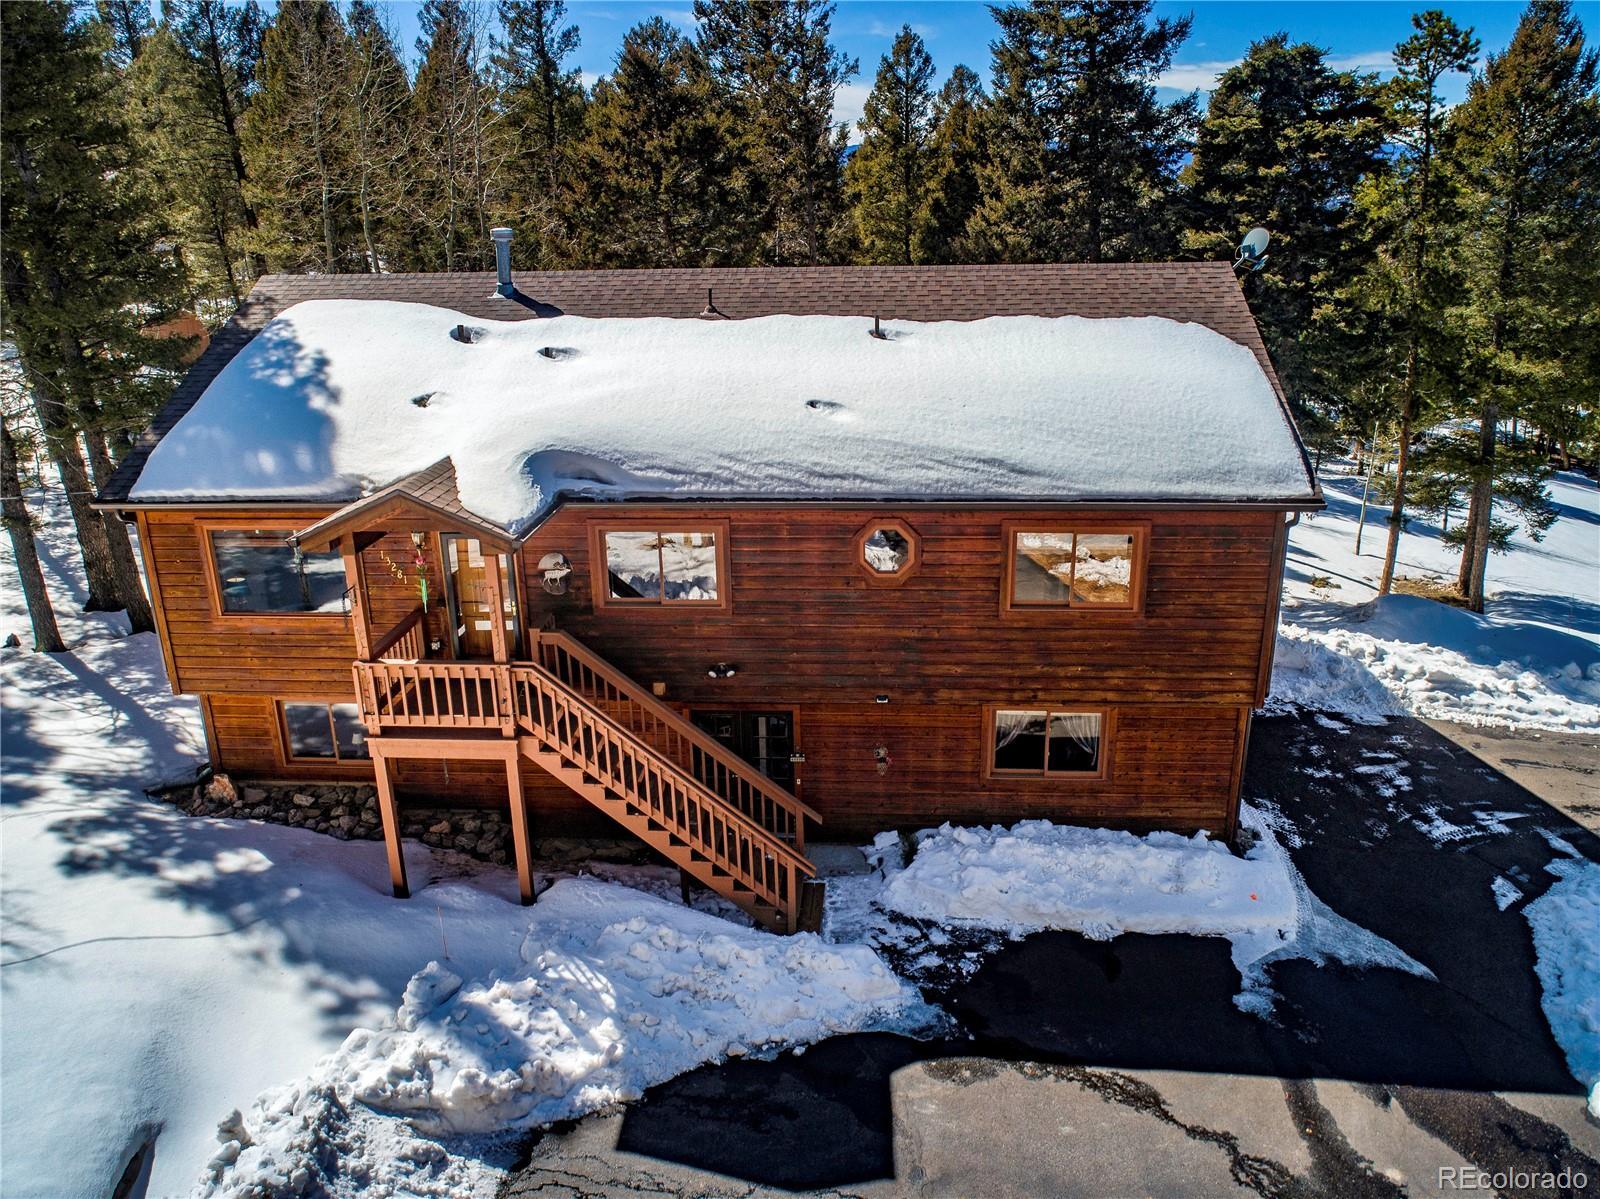 MLS# 3744542 - 1 - 13281 Callae Drive, Conifer, CO 80433